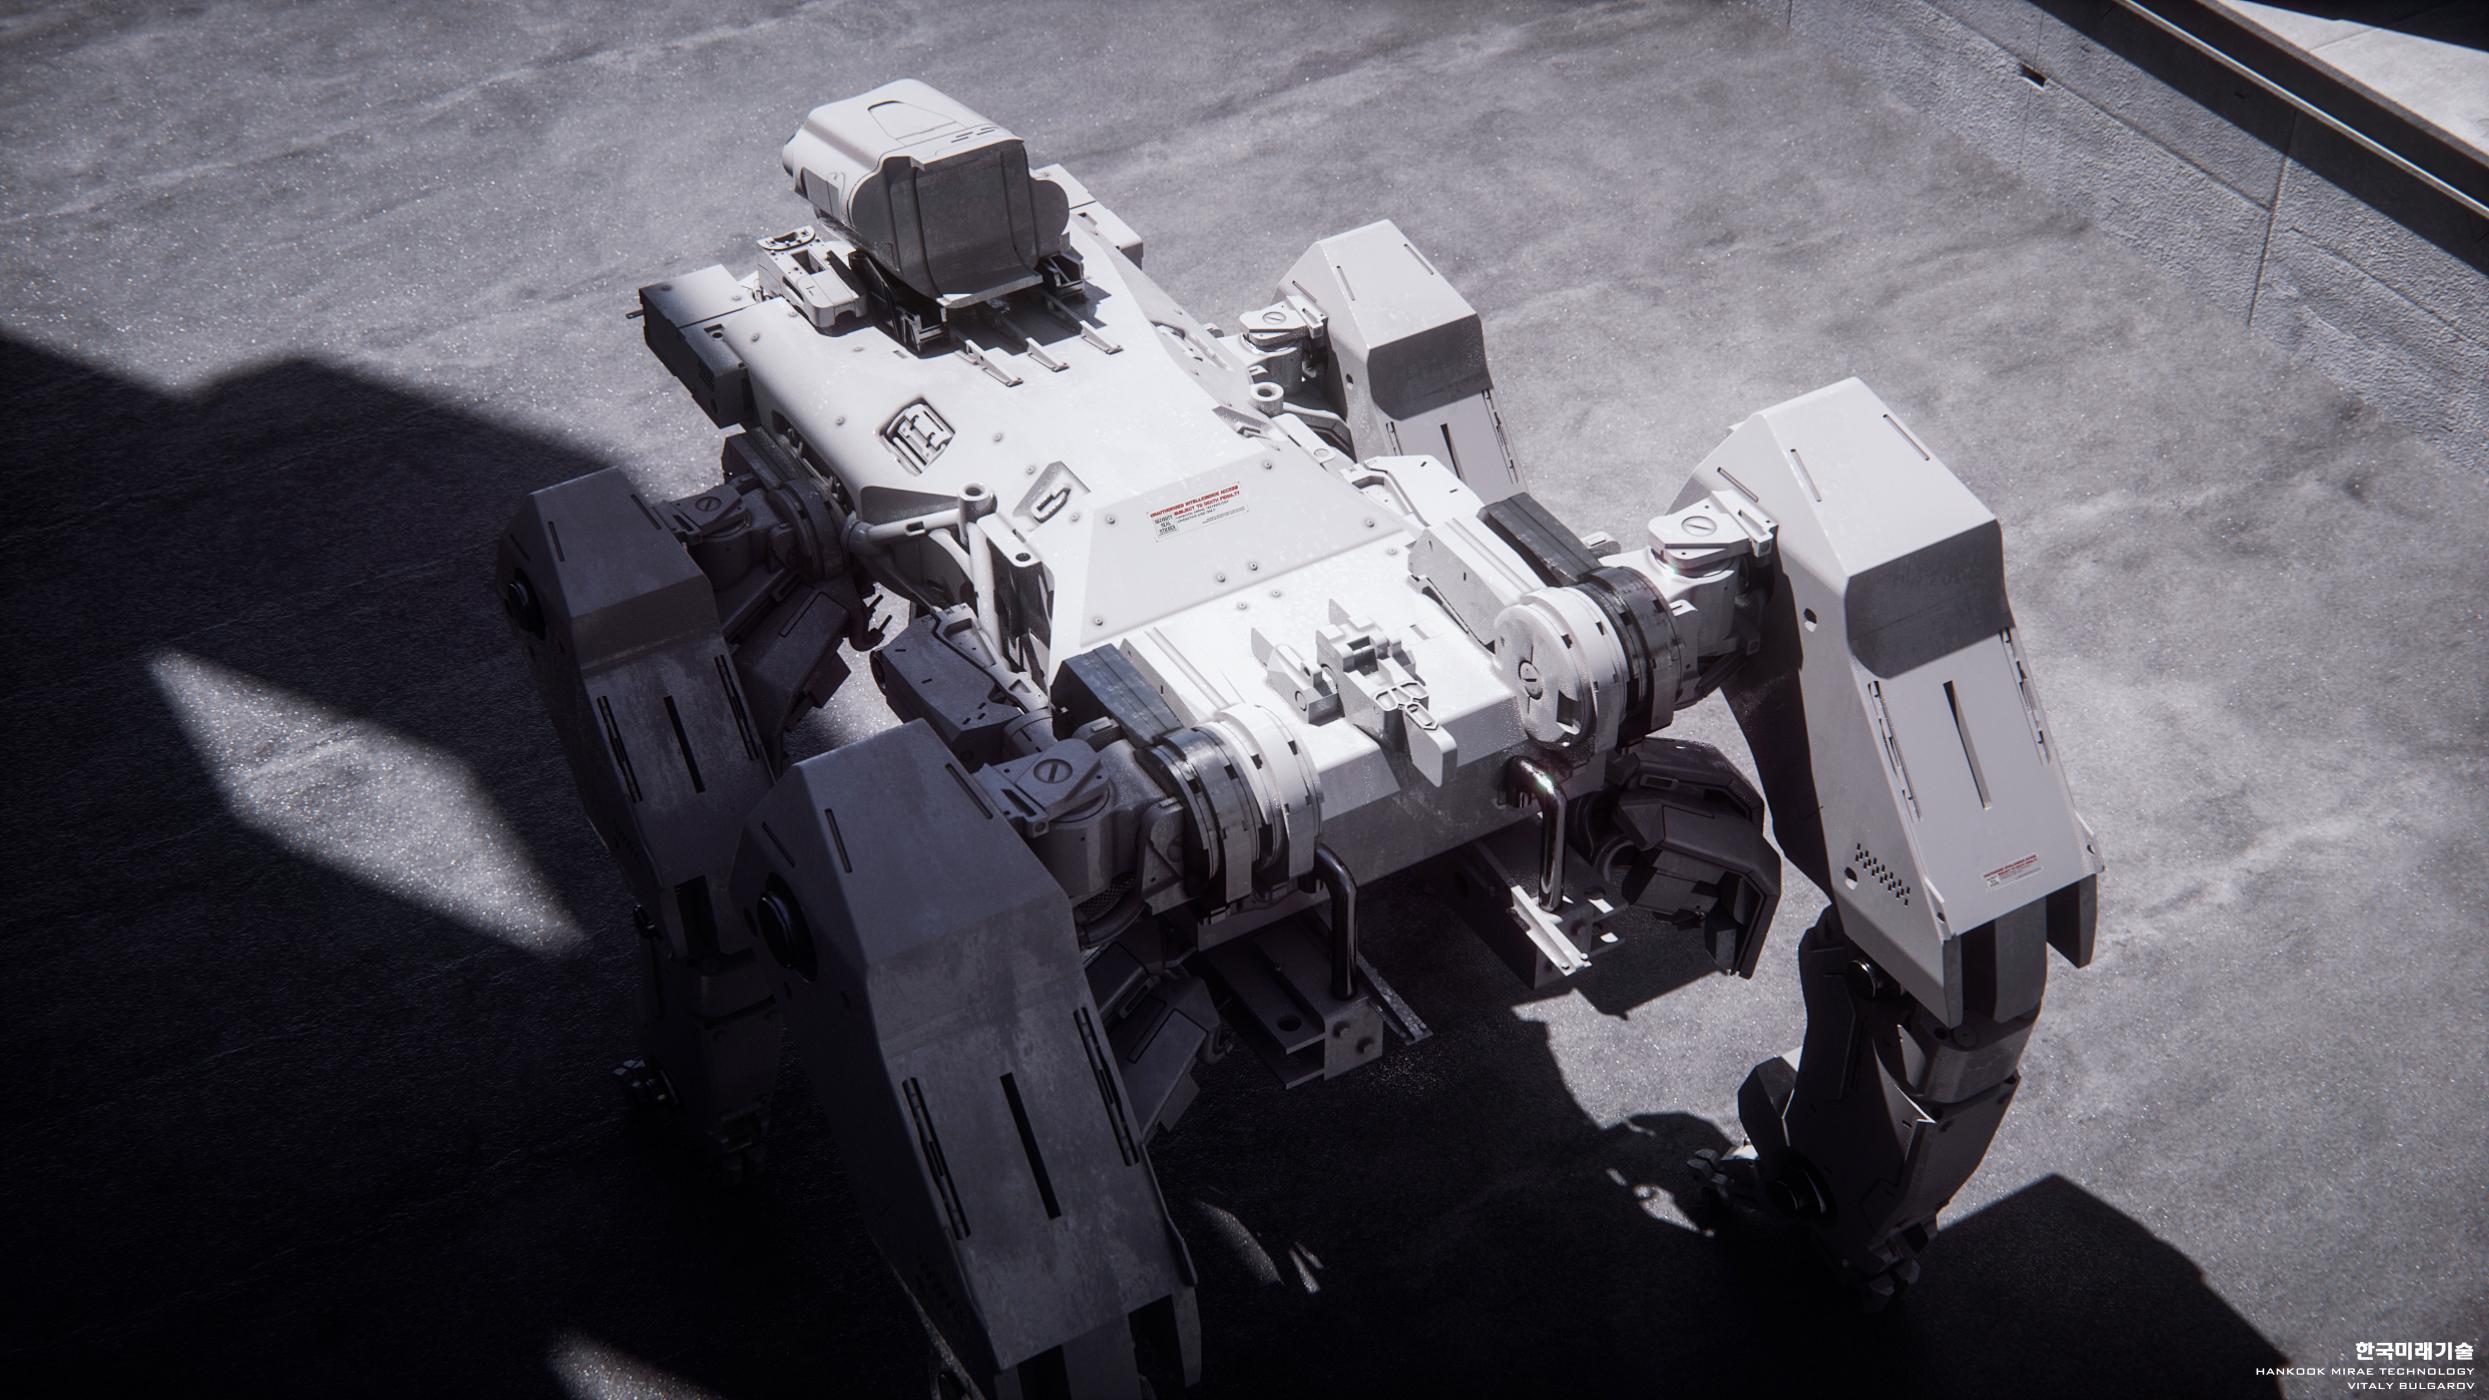 KFT_4LeggedRobot_V3_02.jpg